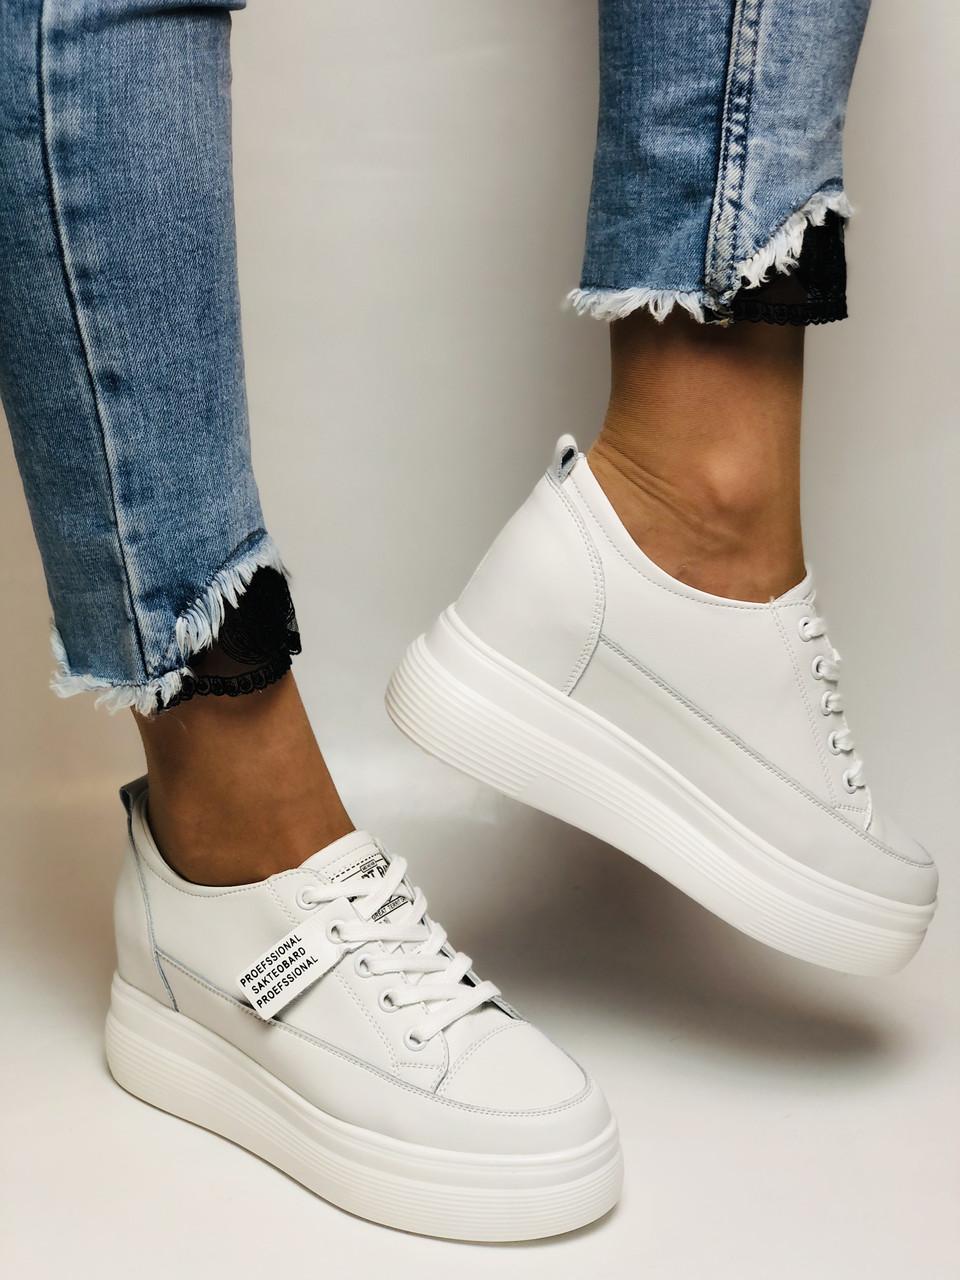 Farinni. Женские кеды-кроссовки белые на платформе. Натуральная кожа. Размер 37,38, 39